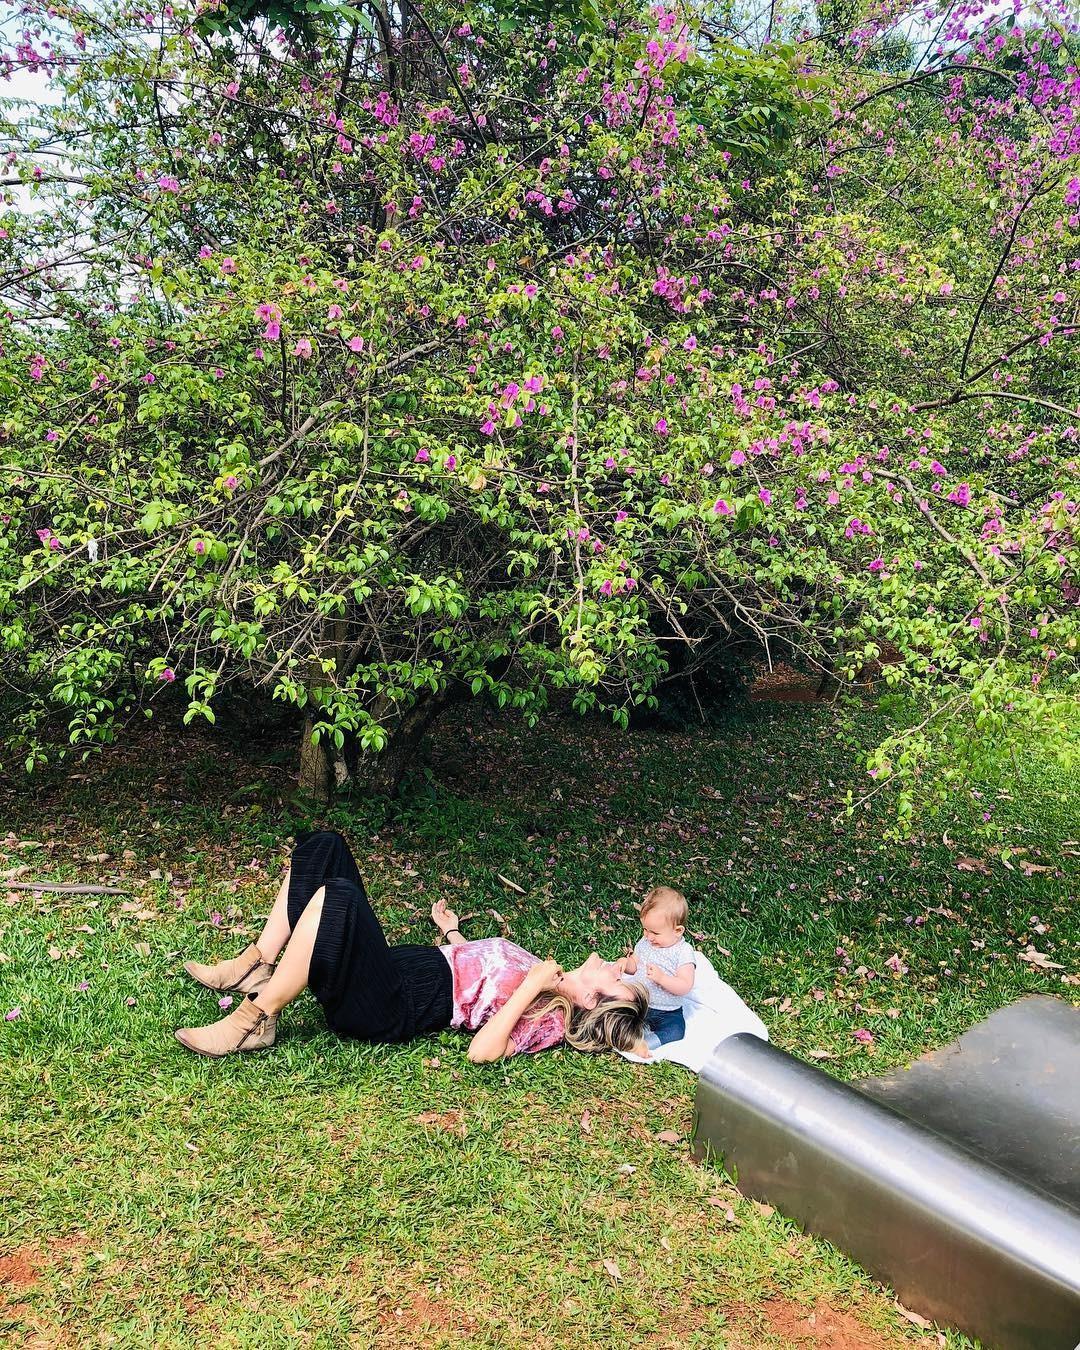 As duas em um momento ao ar livre (Foto: Reprodução/Instagram)